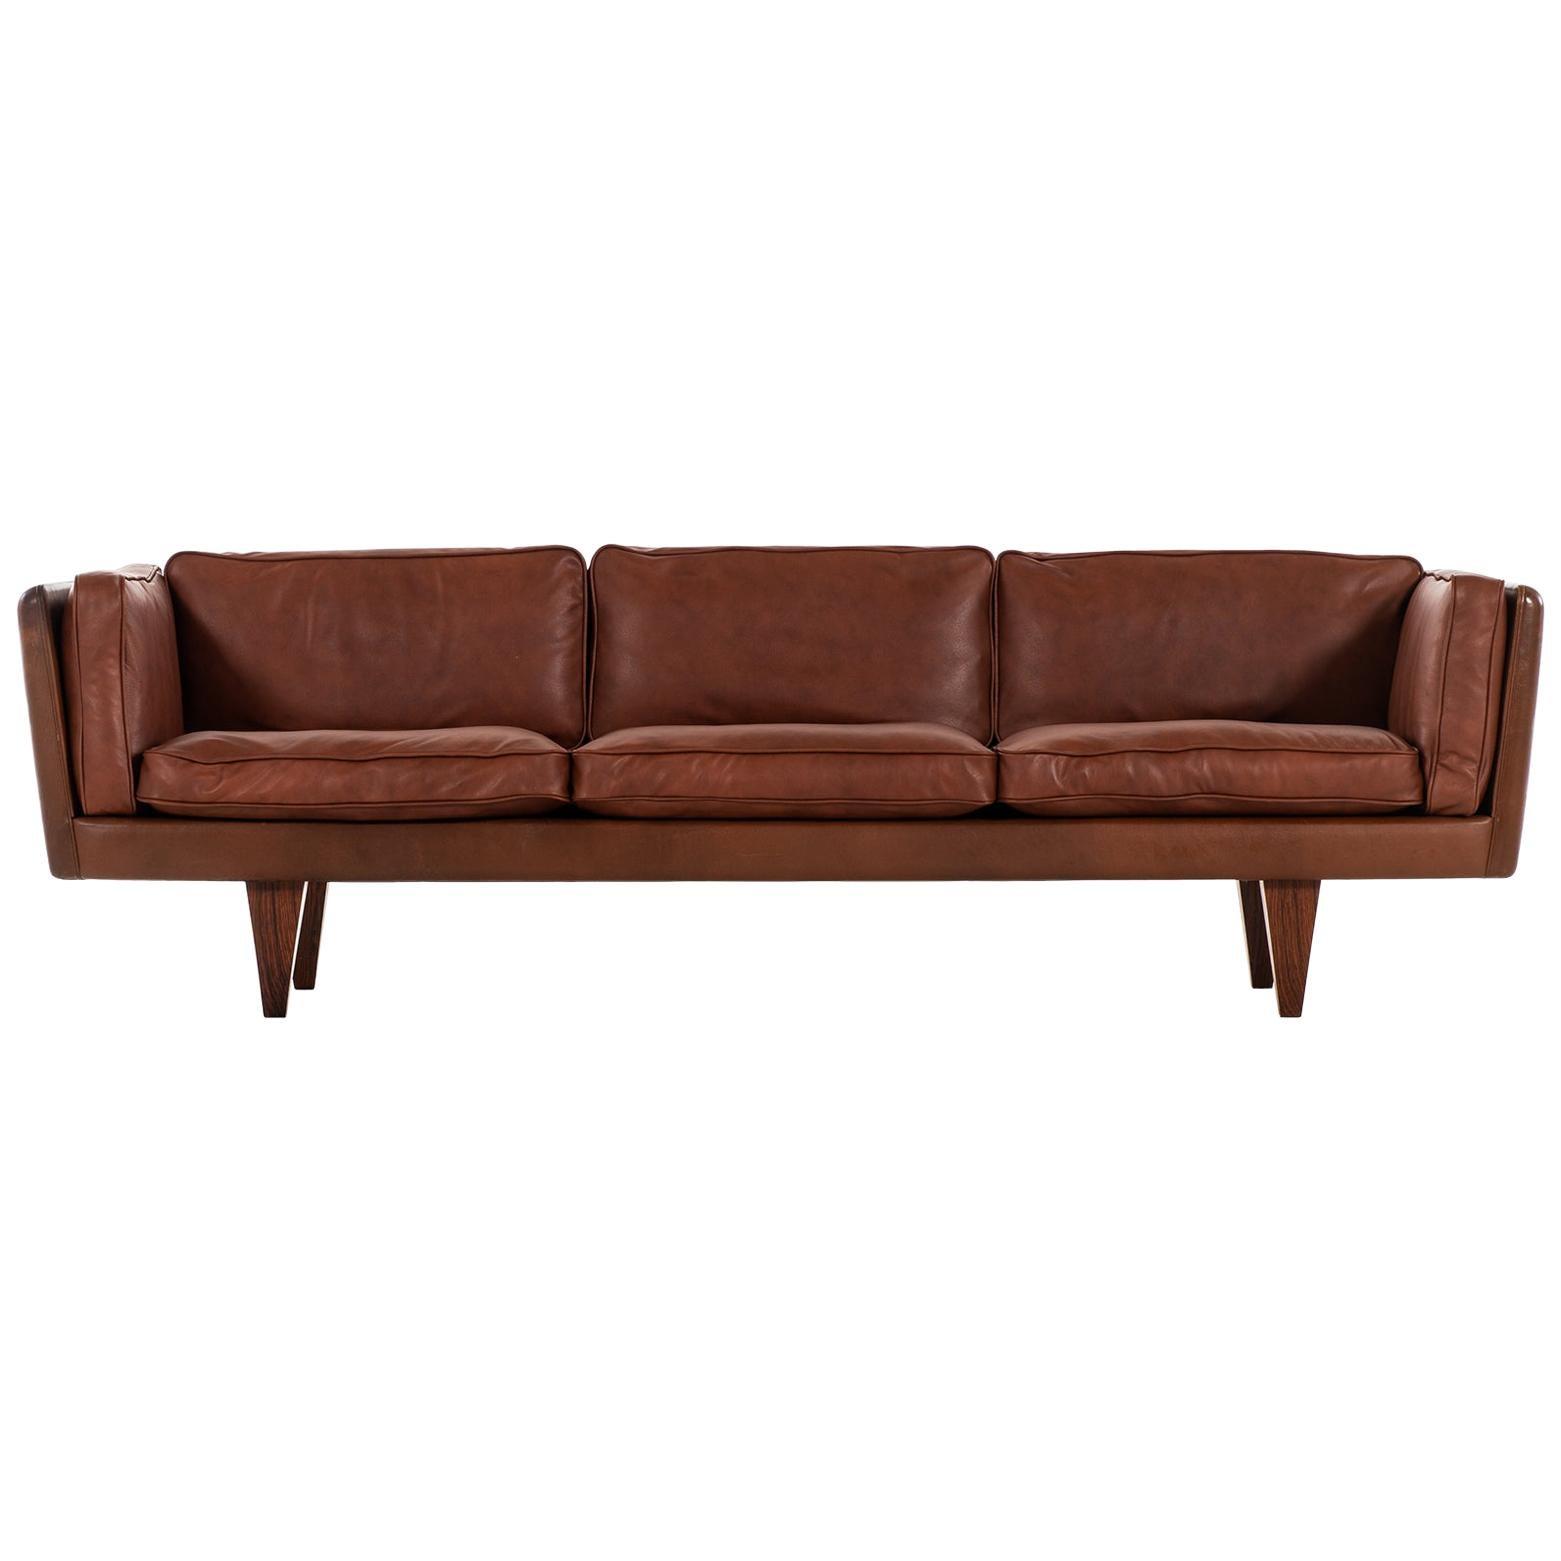 Illum Wikkelsø Sofa Model V11 Produced by Holger Christiansen in Denmark